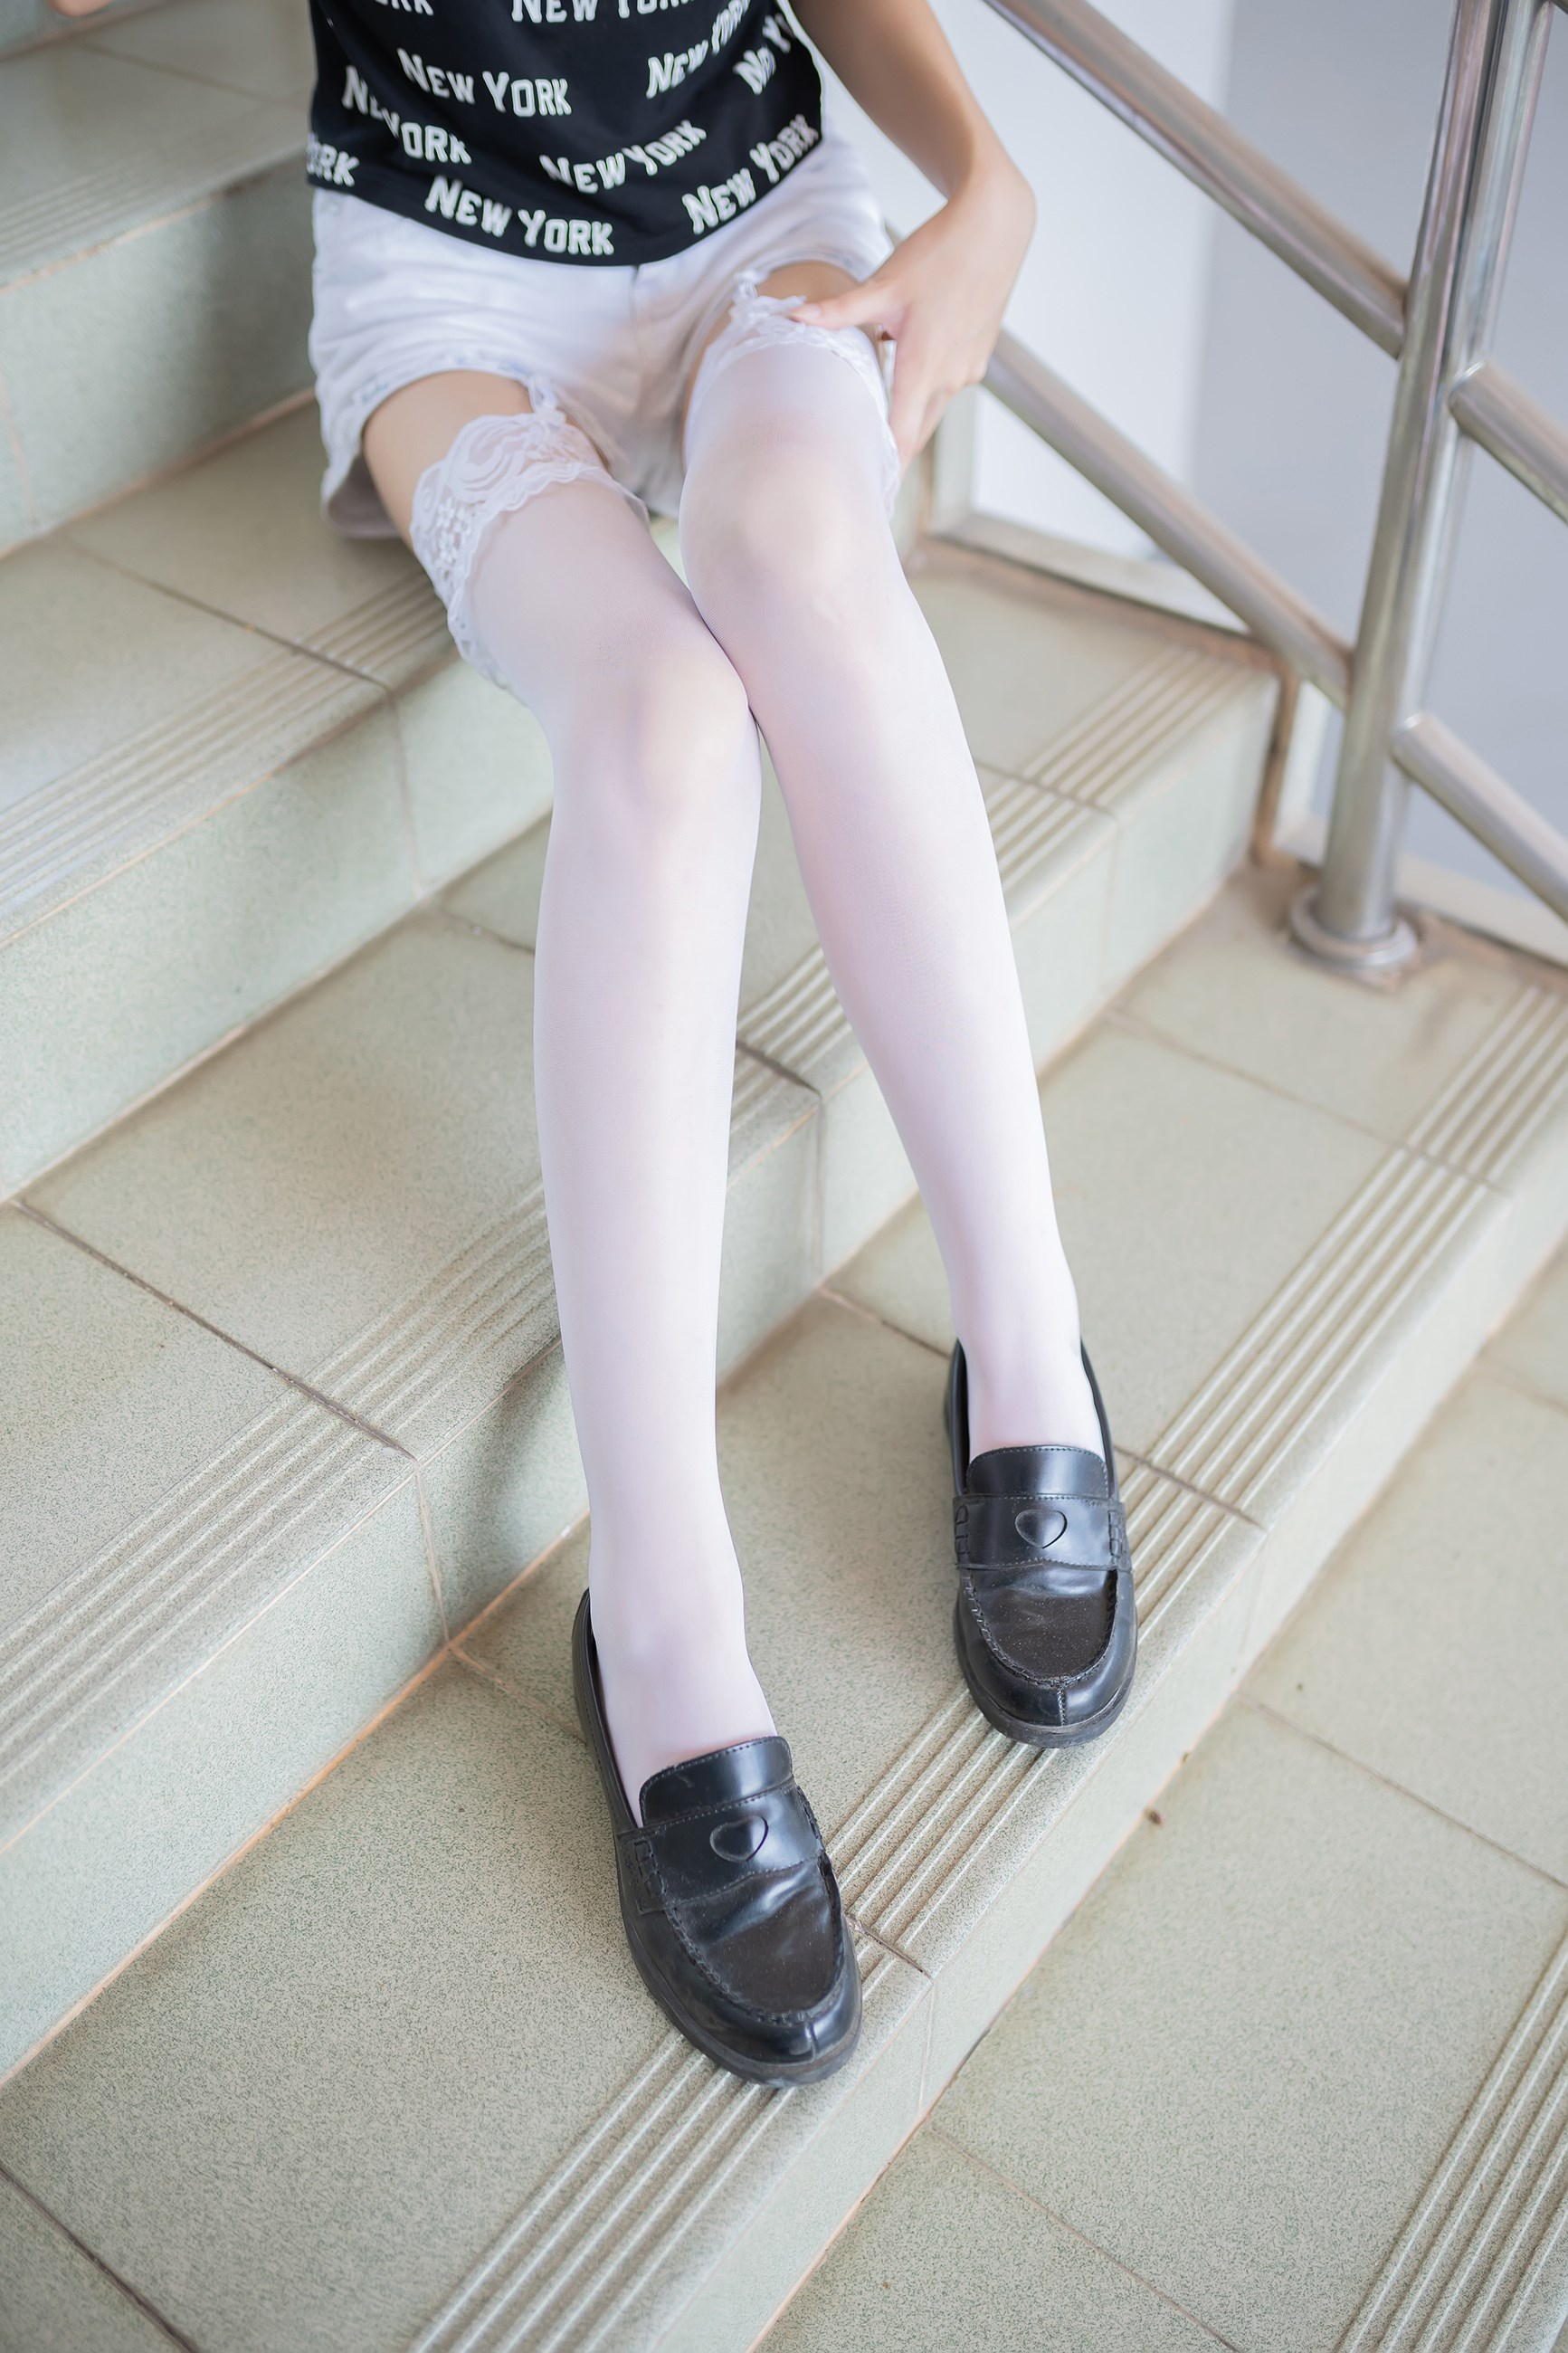 【兔玩映画】白丝吊带袜 兔玩映画 第39张